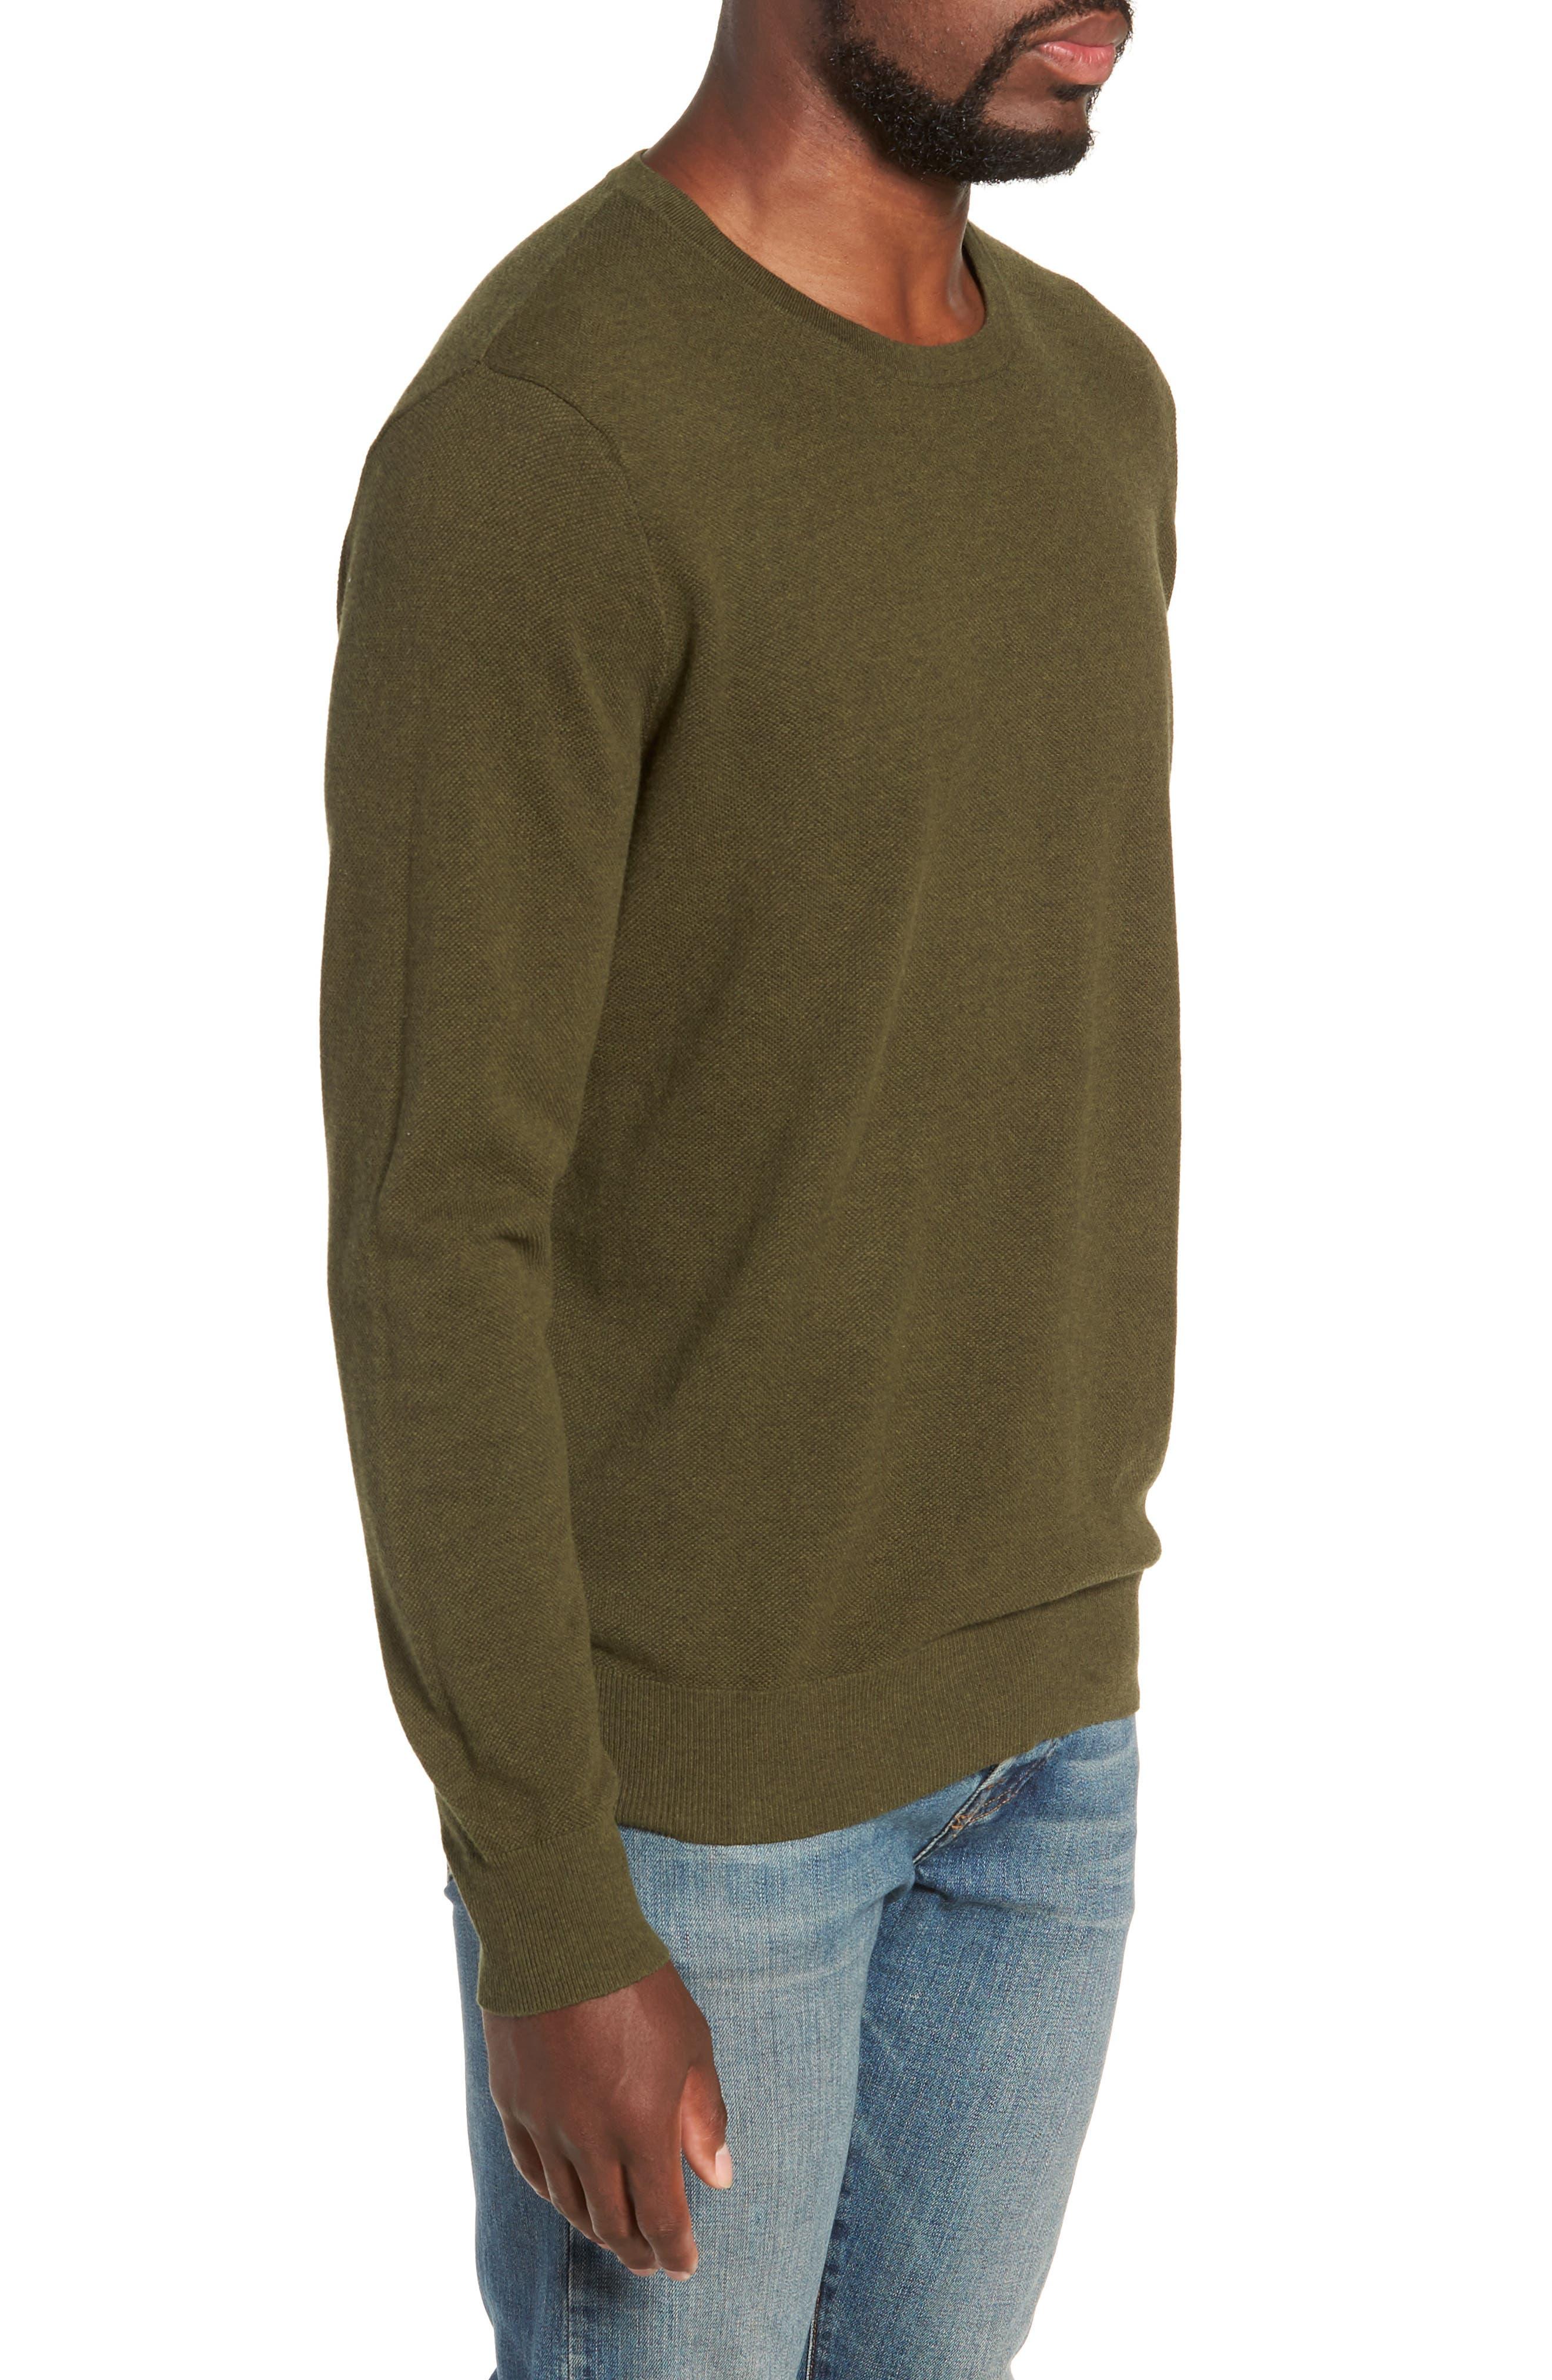 Cotton & Cashmere Piqué Crewneck Sweater,                             Alternate thumbnail 3, color,                             HEATHER OLIVE